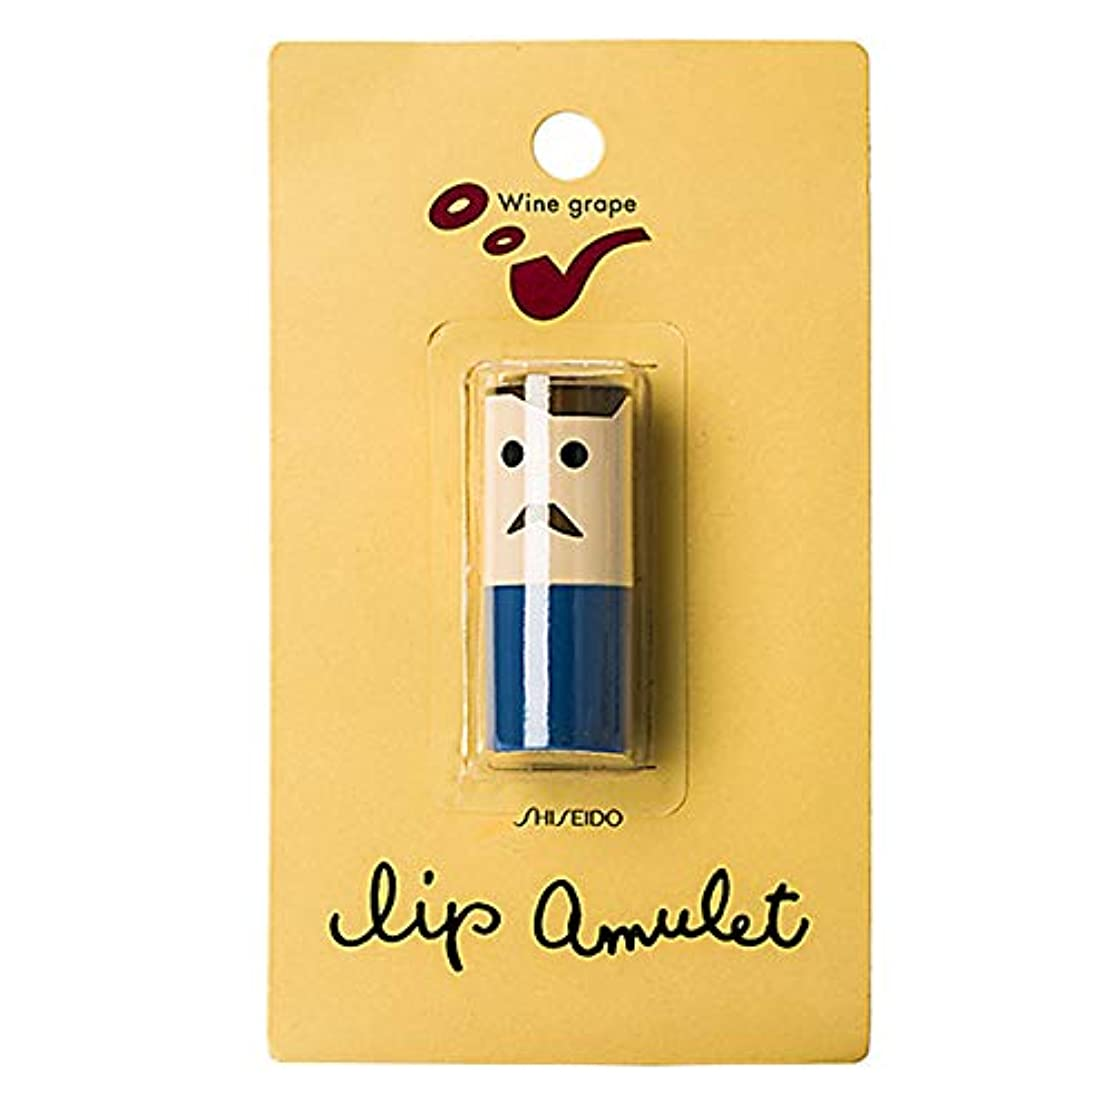 効能うなずくドラフト【台湾限定】資生堂 Shiseido リップアミュレット Lip Amulet お土産 コスメ 色つきリップ 単品 葡萄酒紅 (ワイングレープ) [並行輸入品]